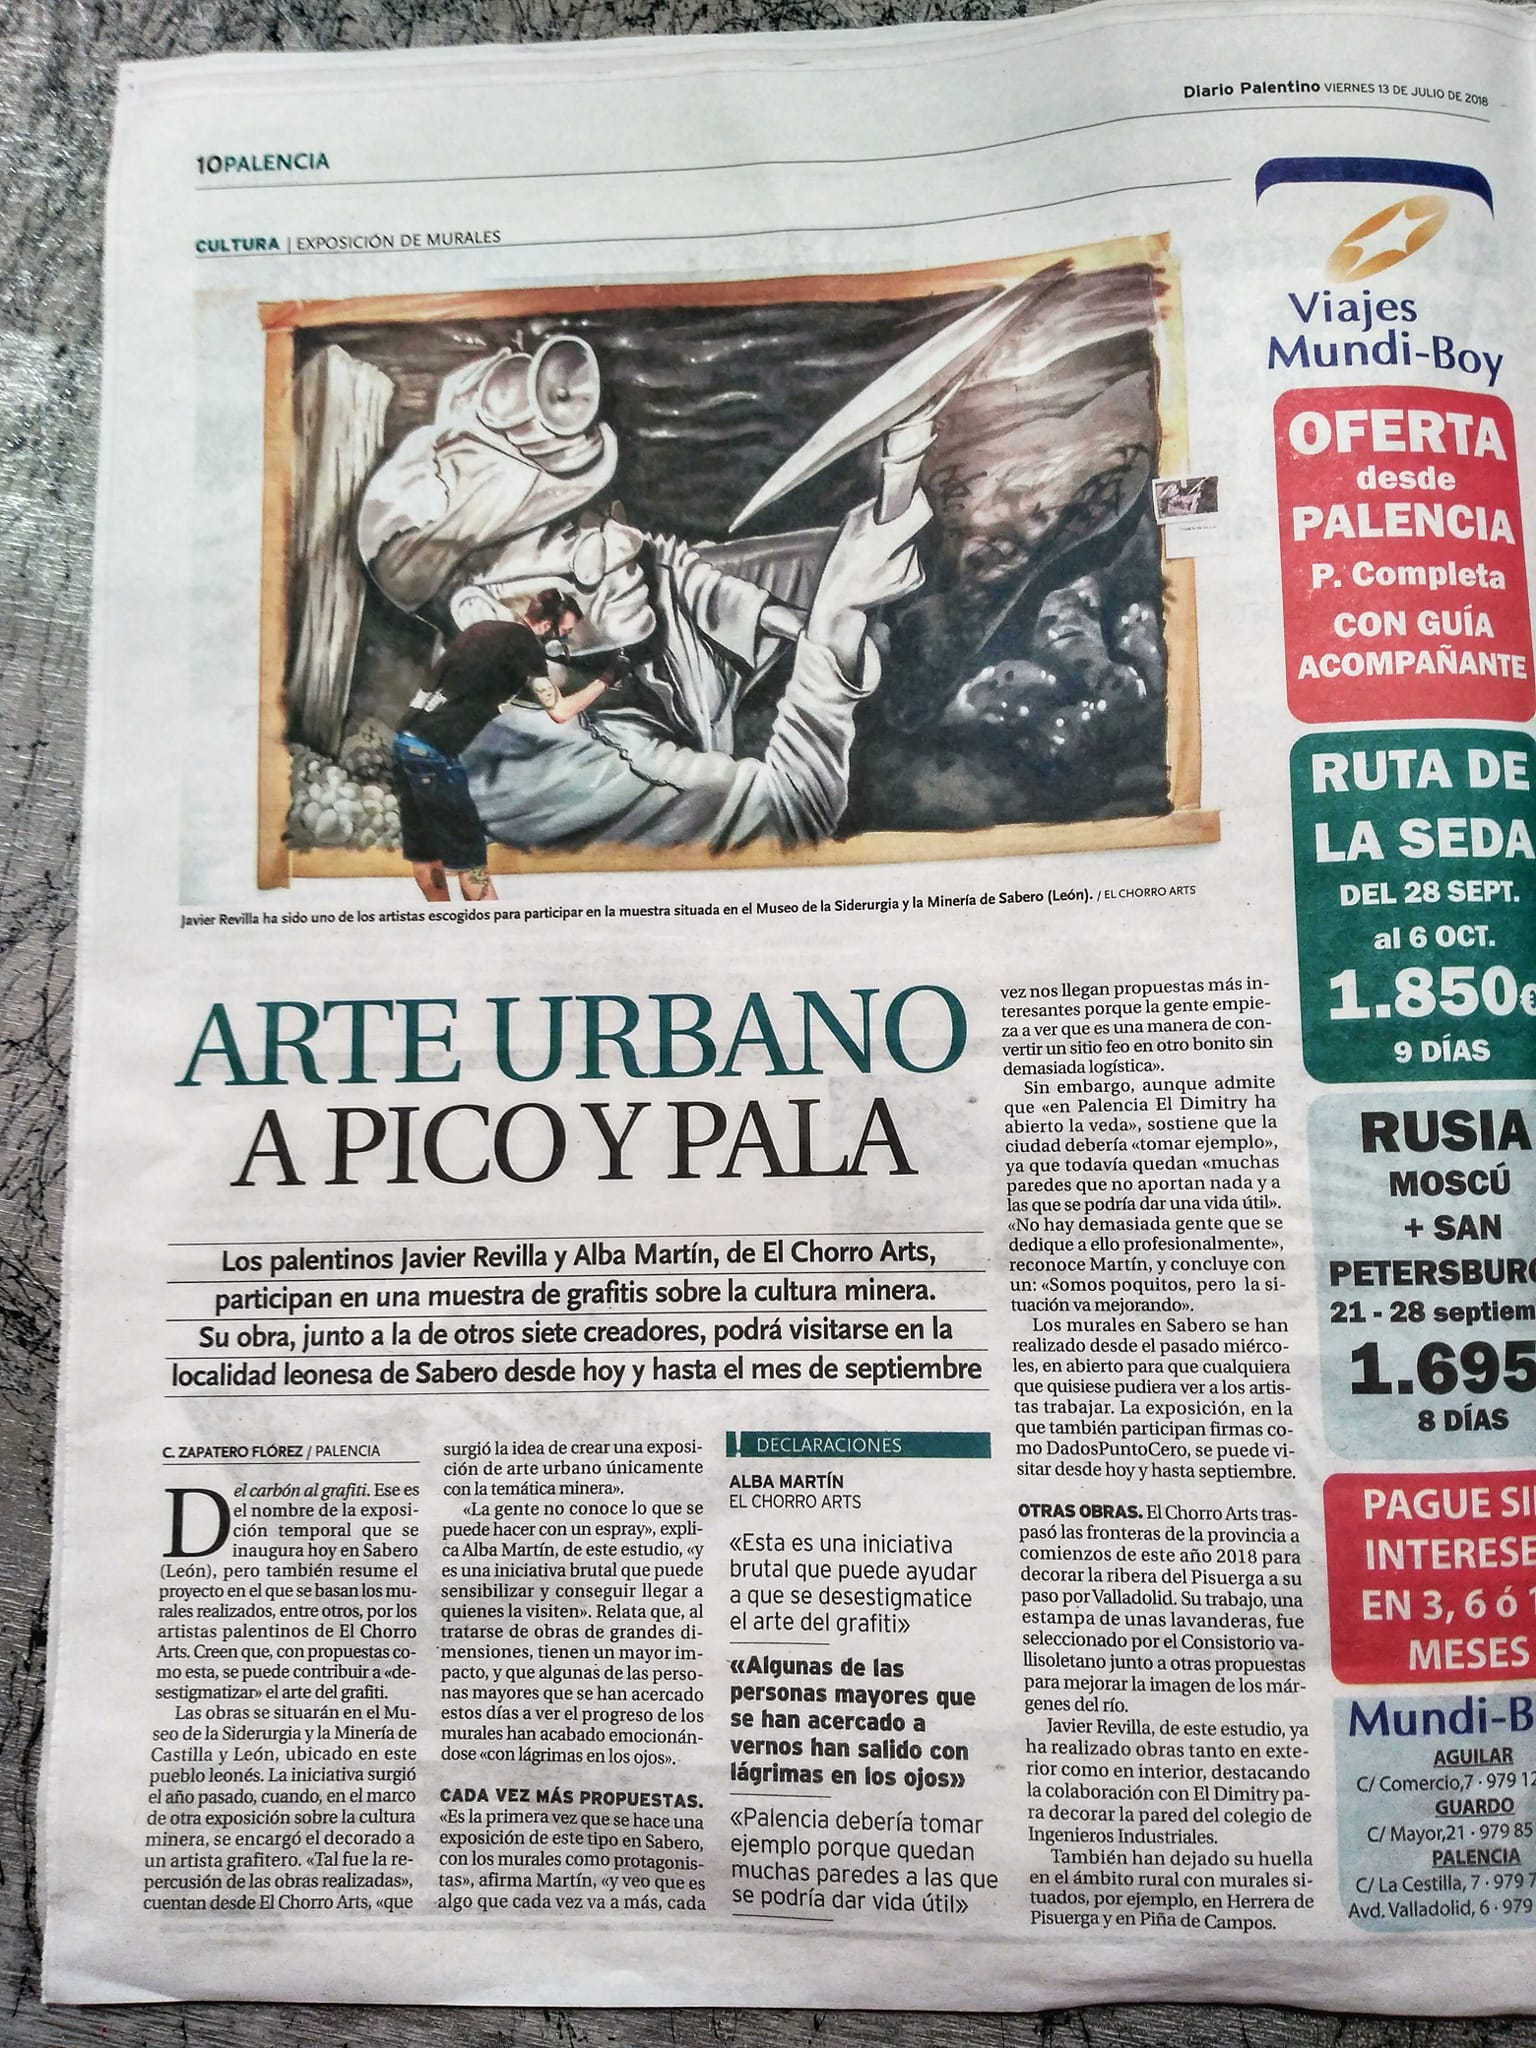 diario palentino palencia arte urbano mural sabero graffiti museo